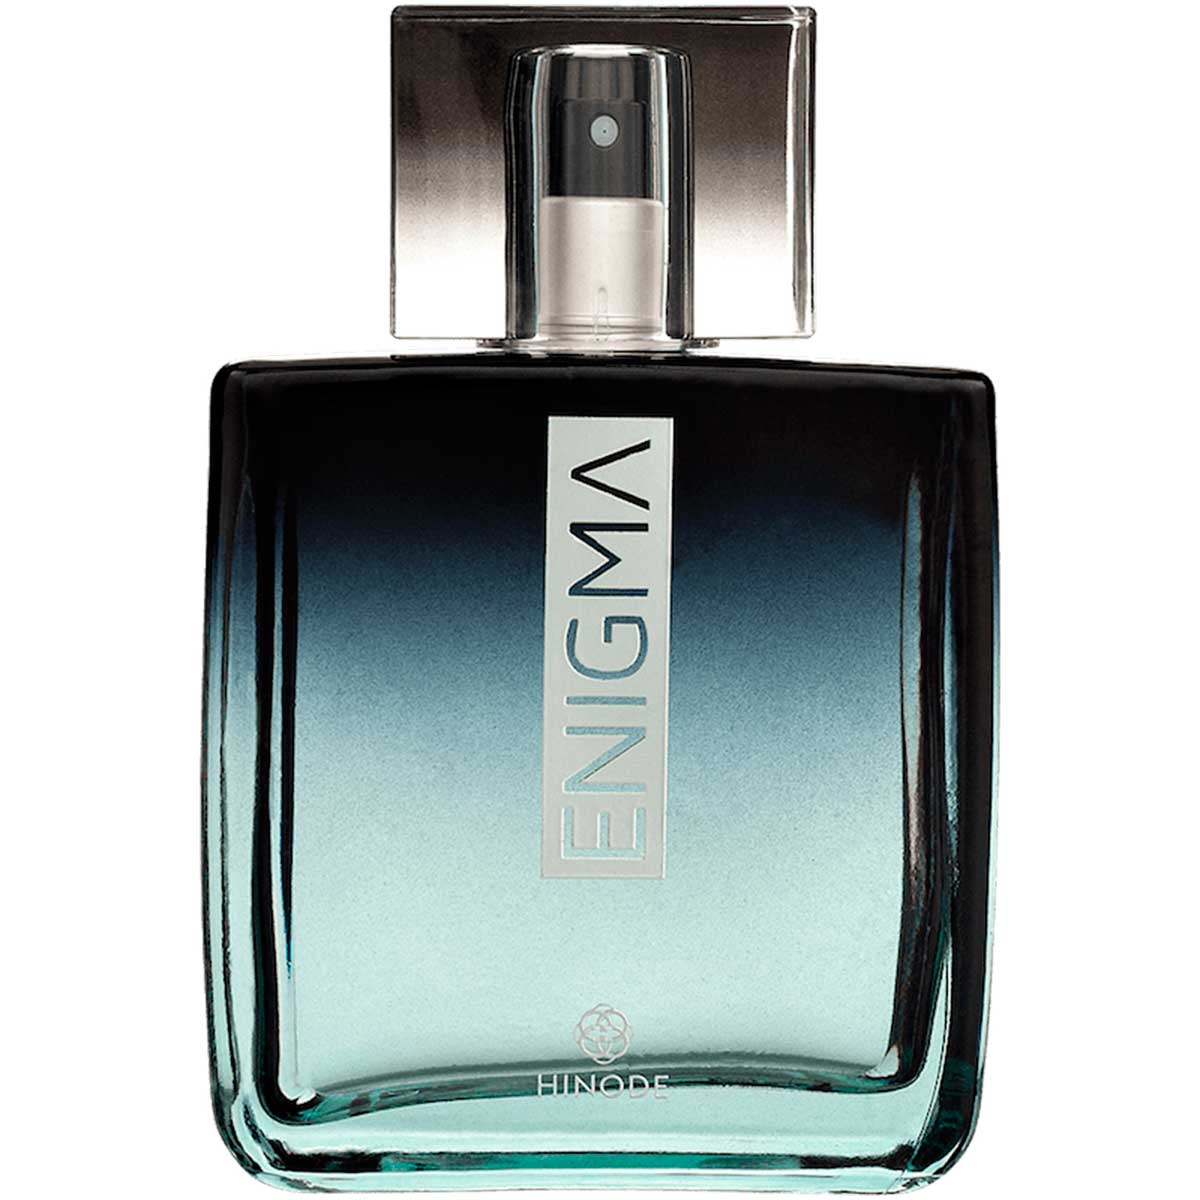 Perfume Enigma 100ml - Hinode